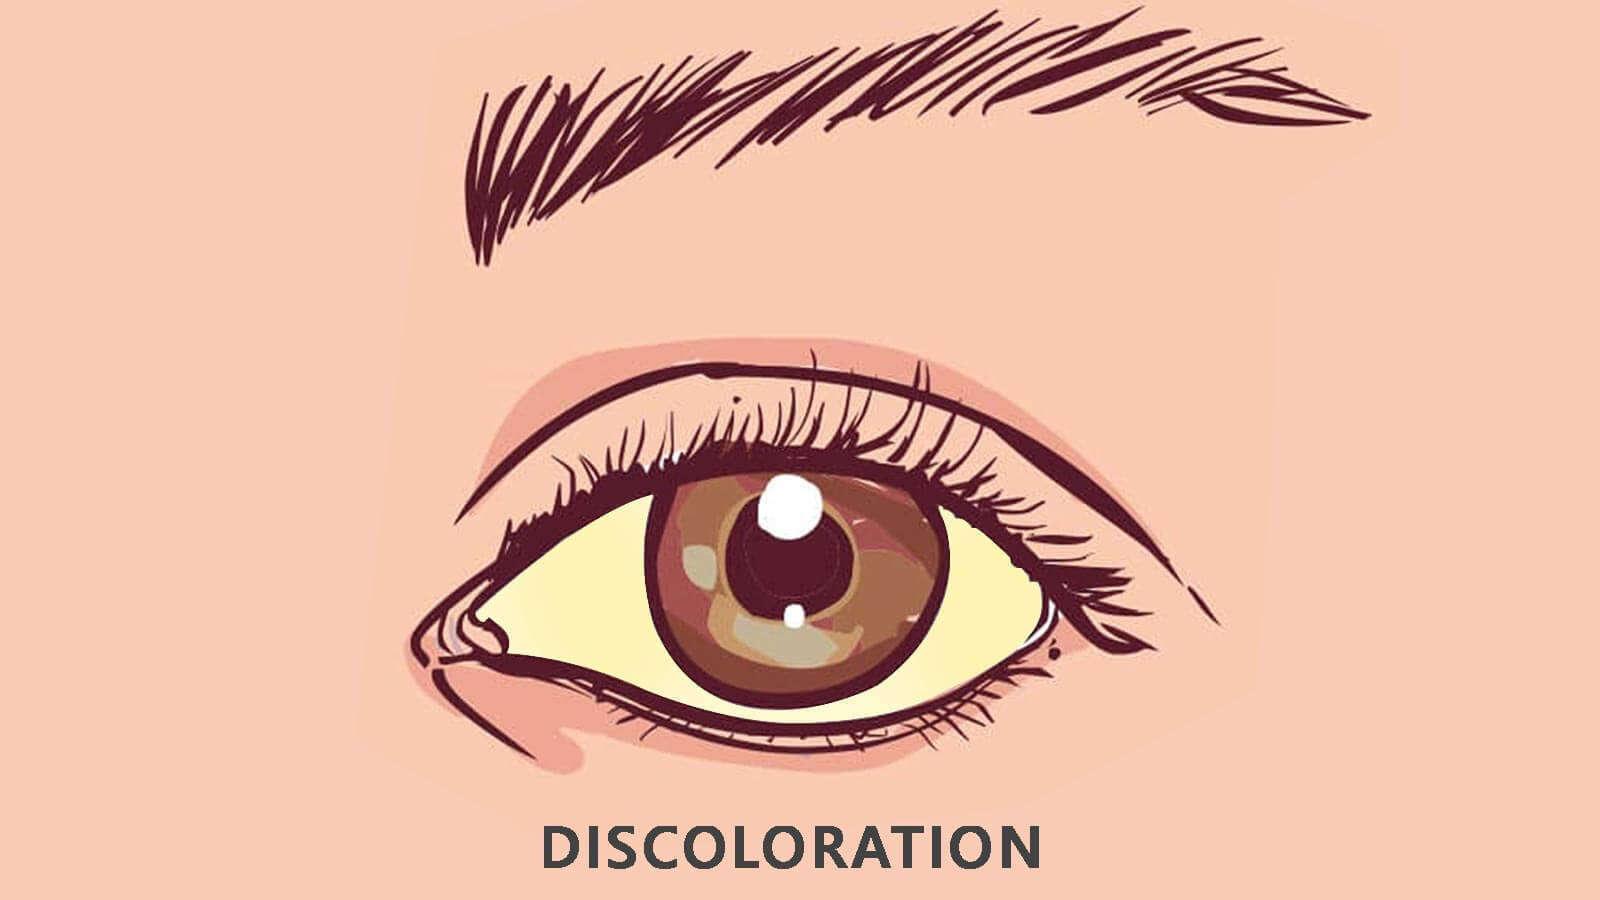 Raccoon Eyes Symptoms or Signs